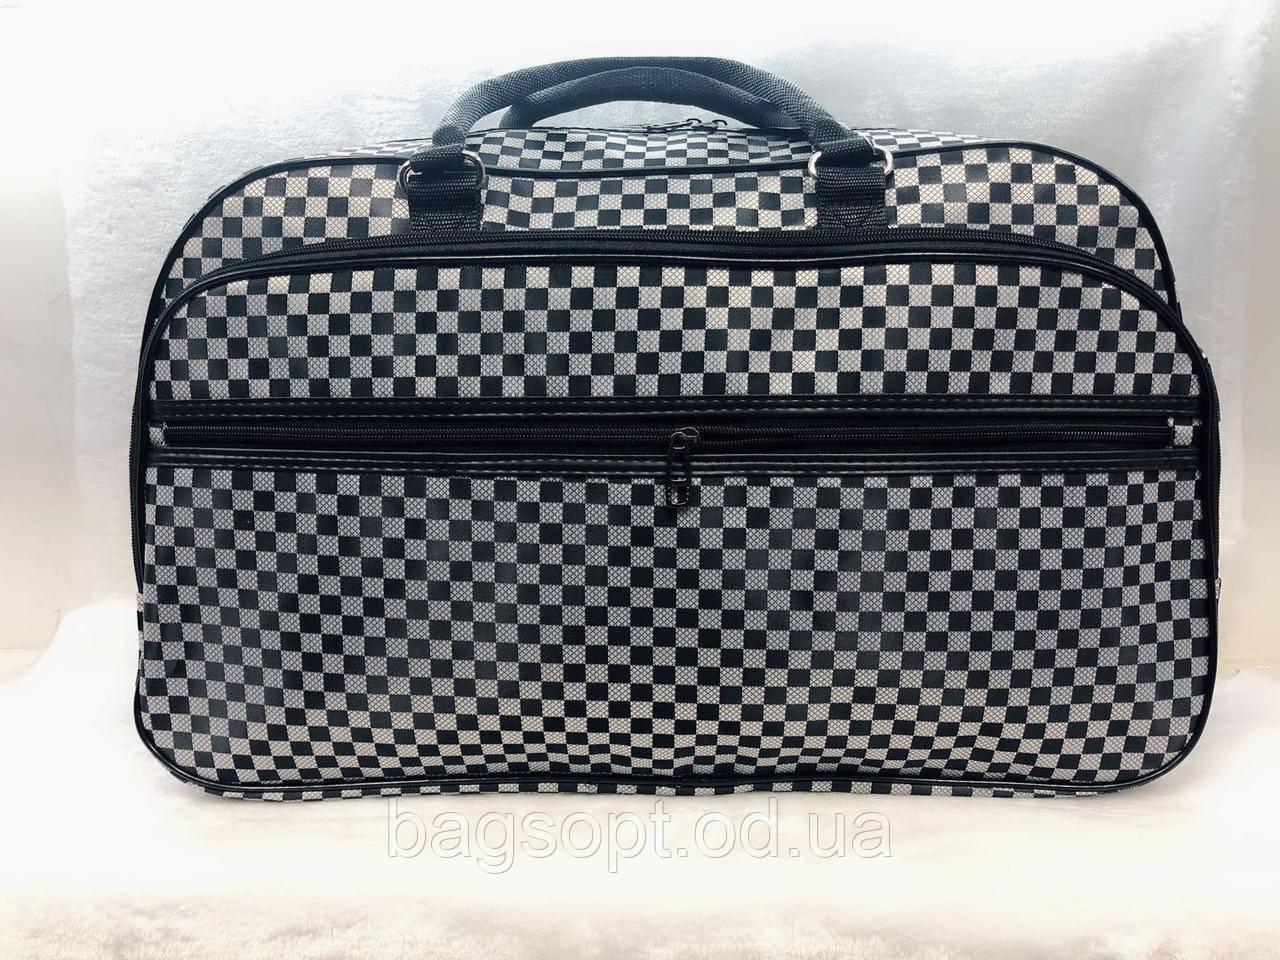 Дорожная сумка унисекс текстильная вместительная серая